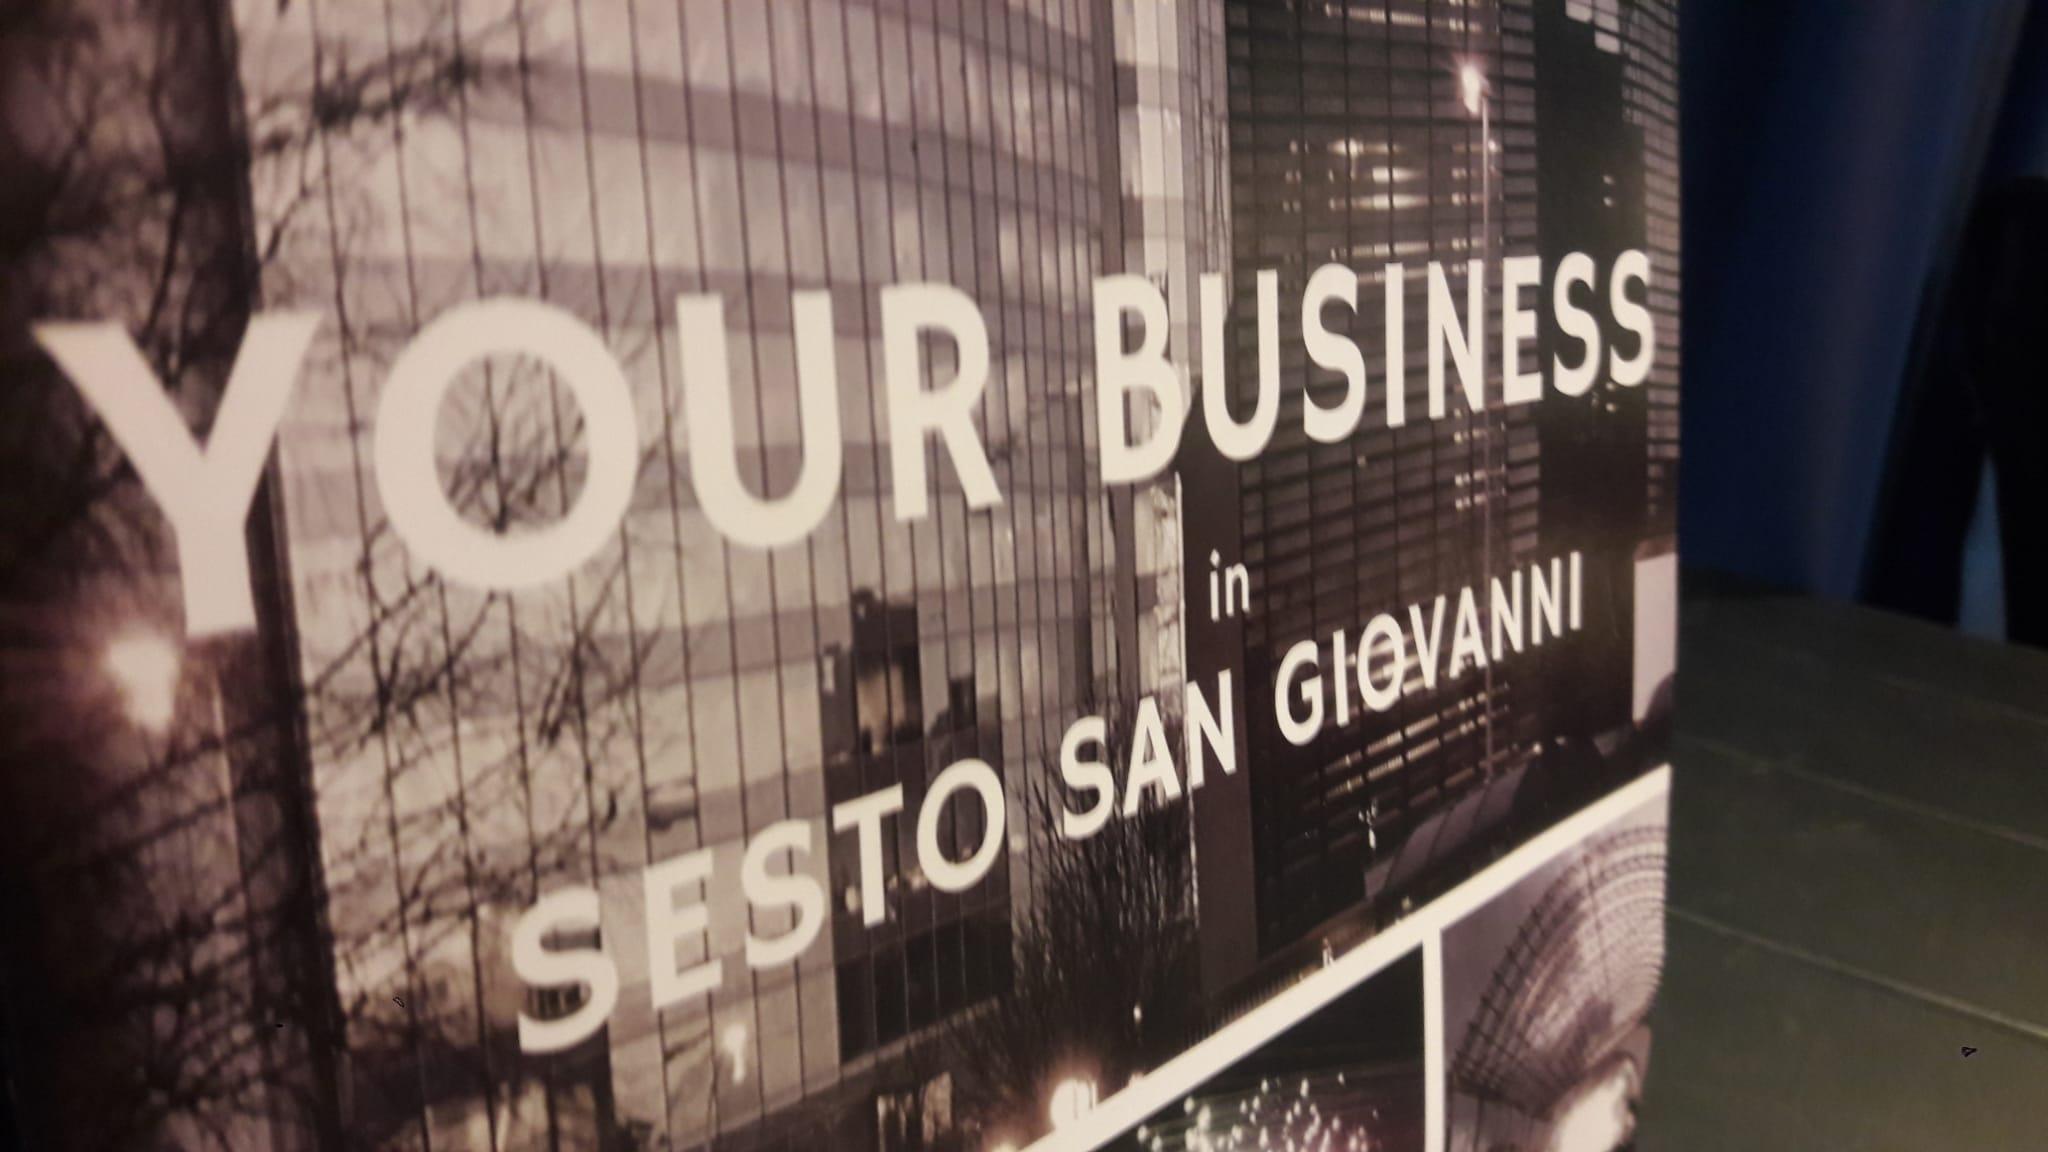 scritta your business in Sesto San Giovanni